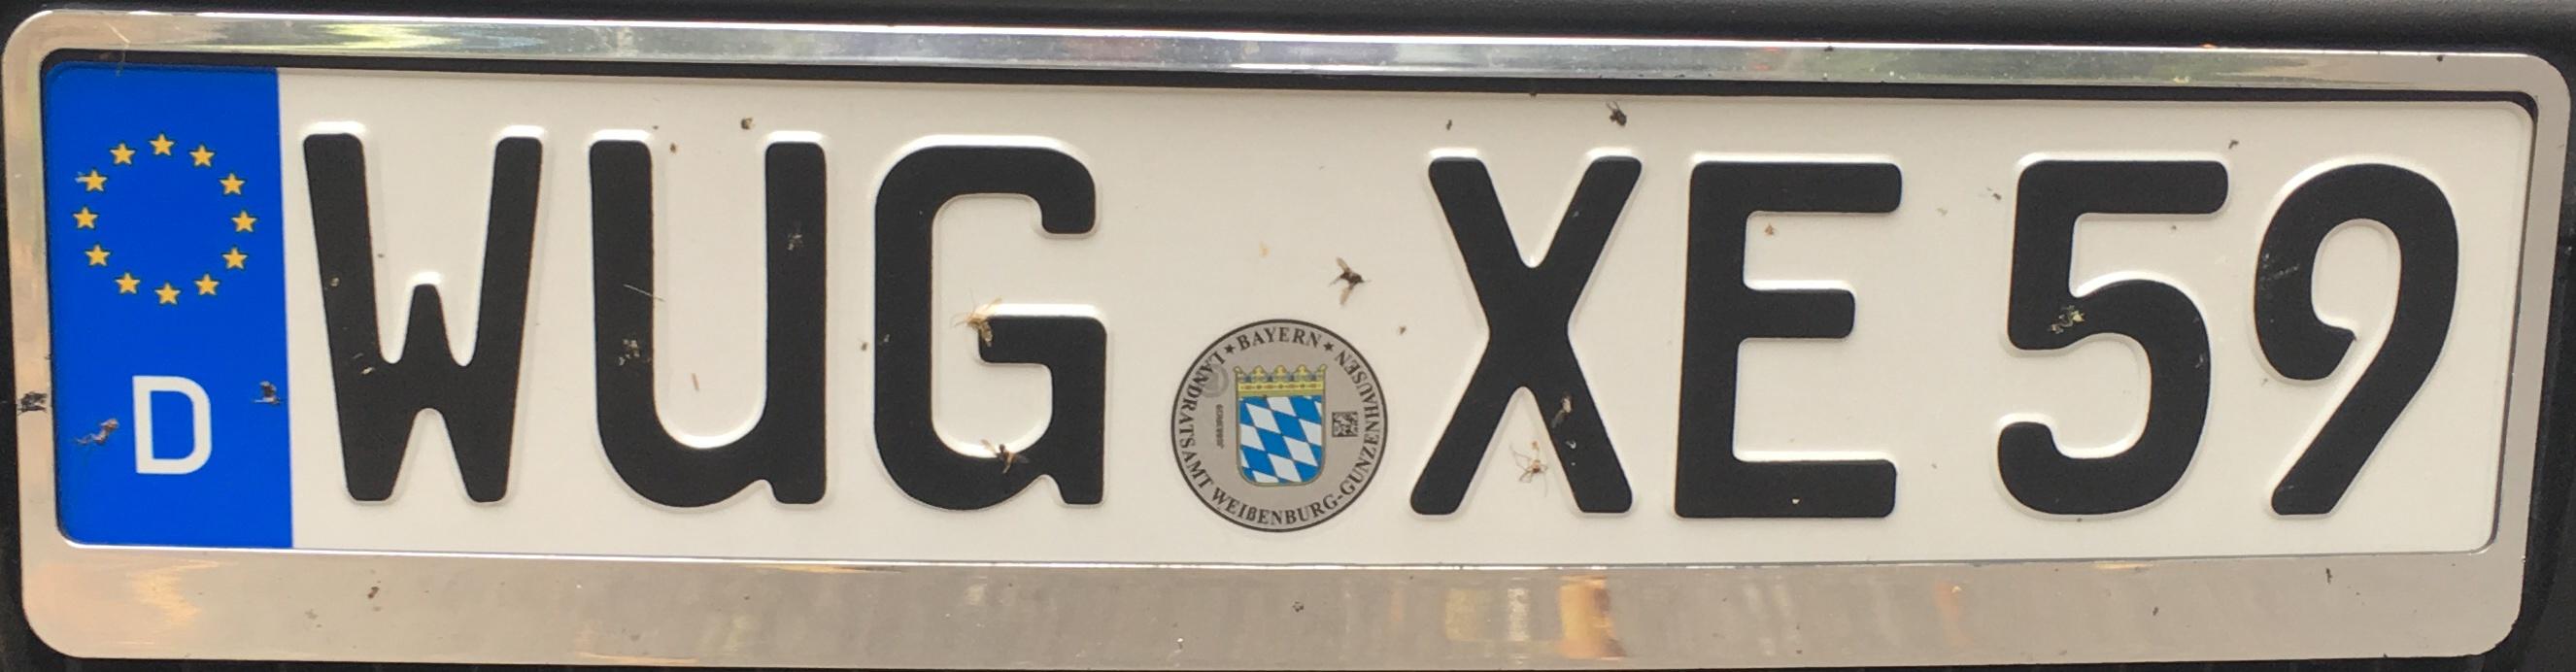 Registrační značka Německo - WUG- Weissenburg-Gunzenhausen, foto: vlastní